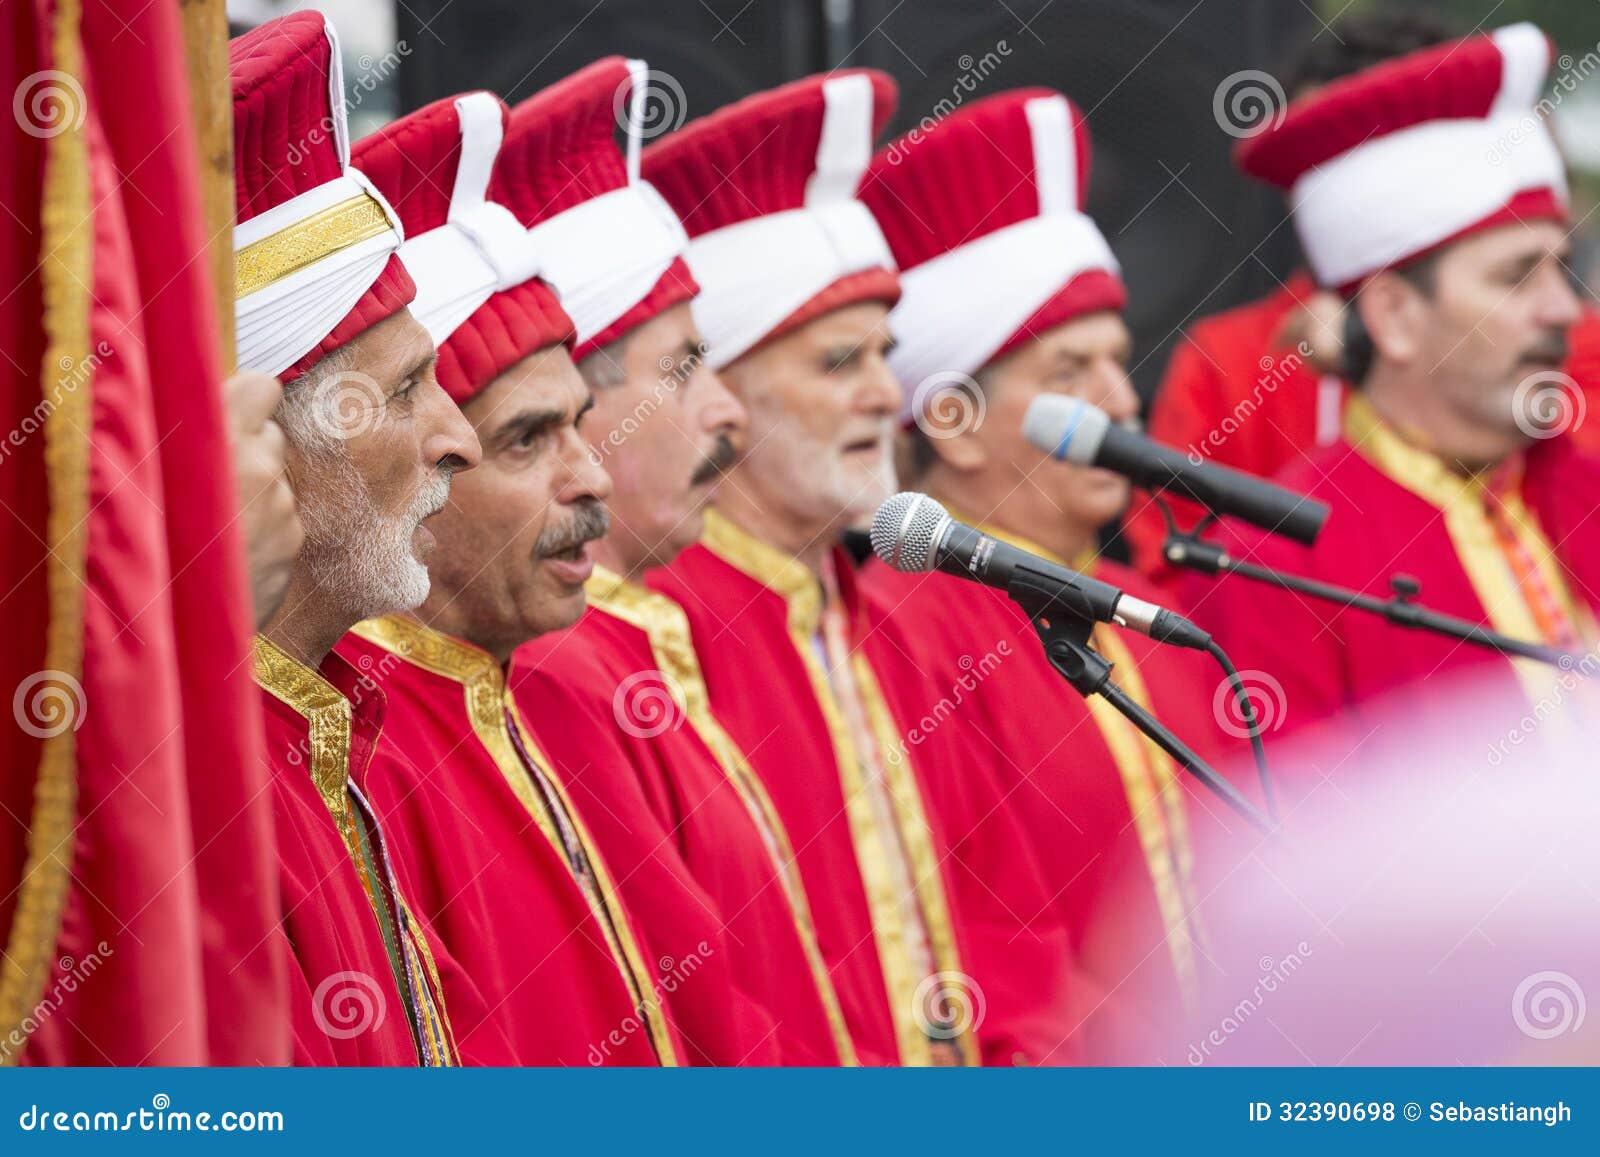 Turecka tradycyjna militarna fanfara